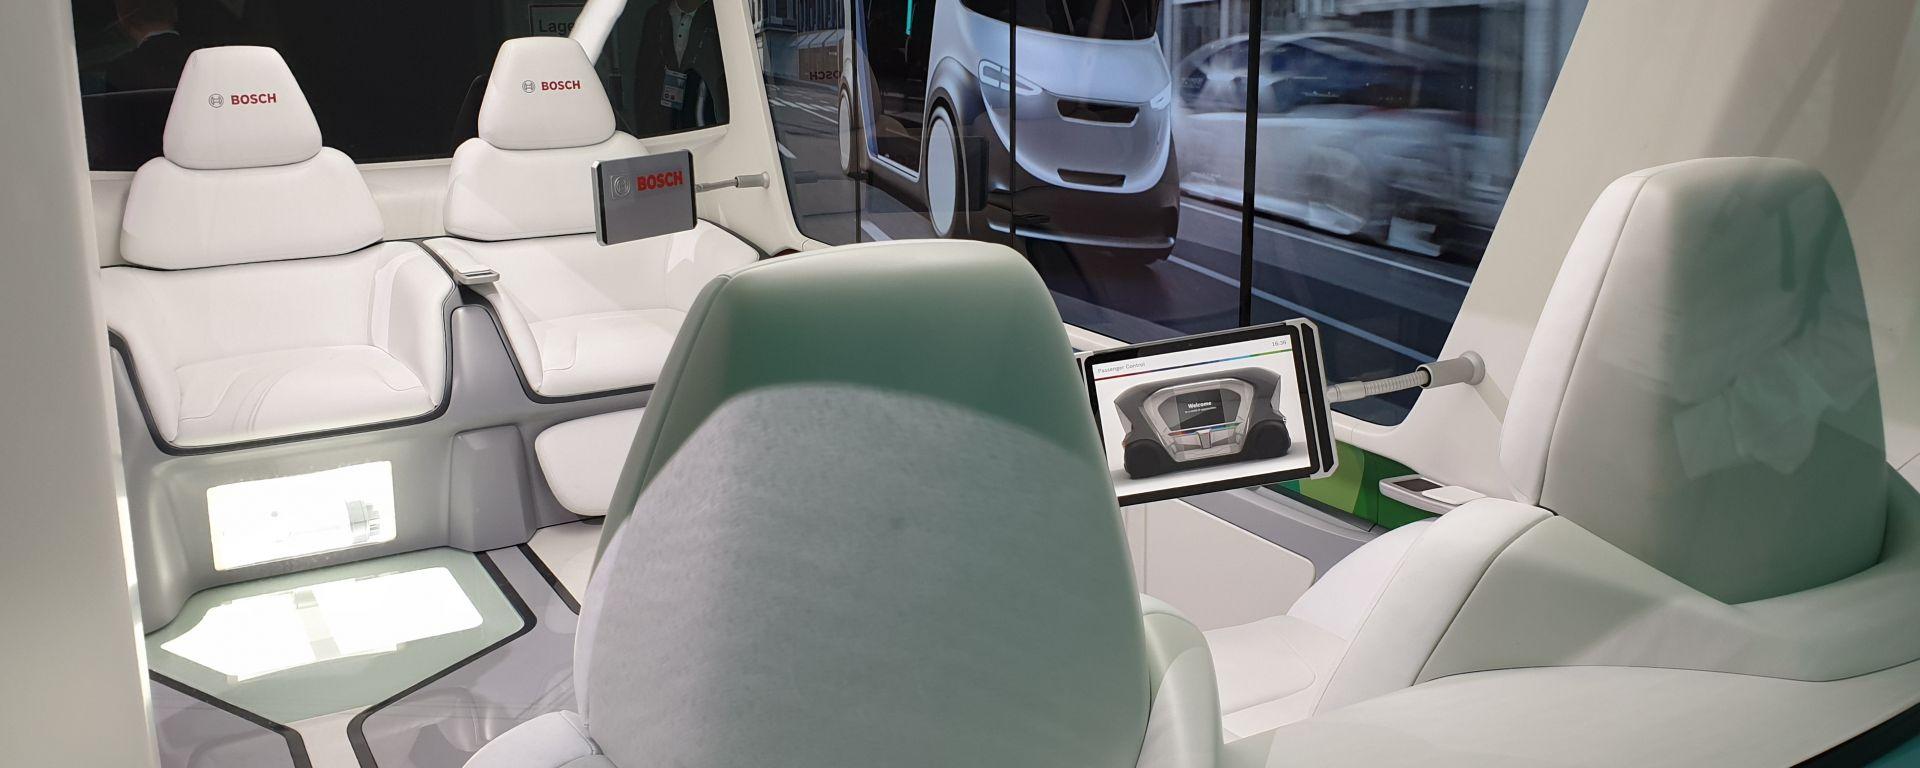 Bosch Connected World 2019, il futuro della mobilità in anteprima